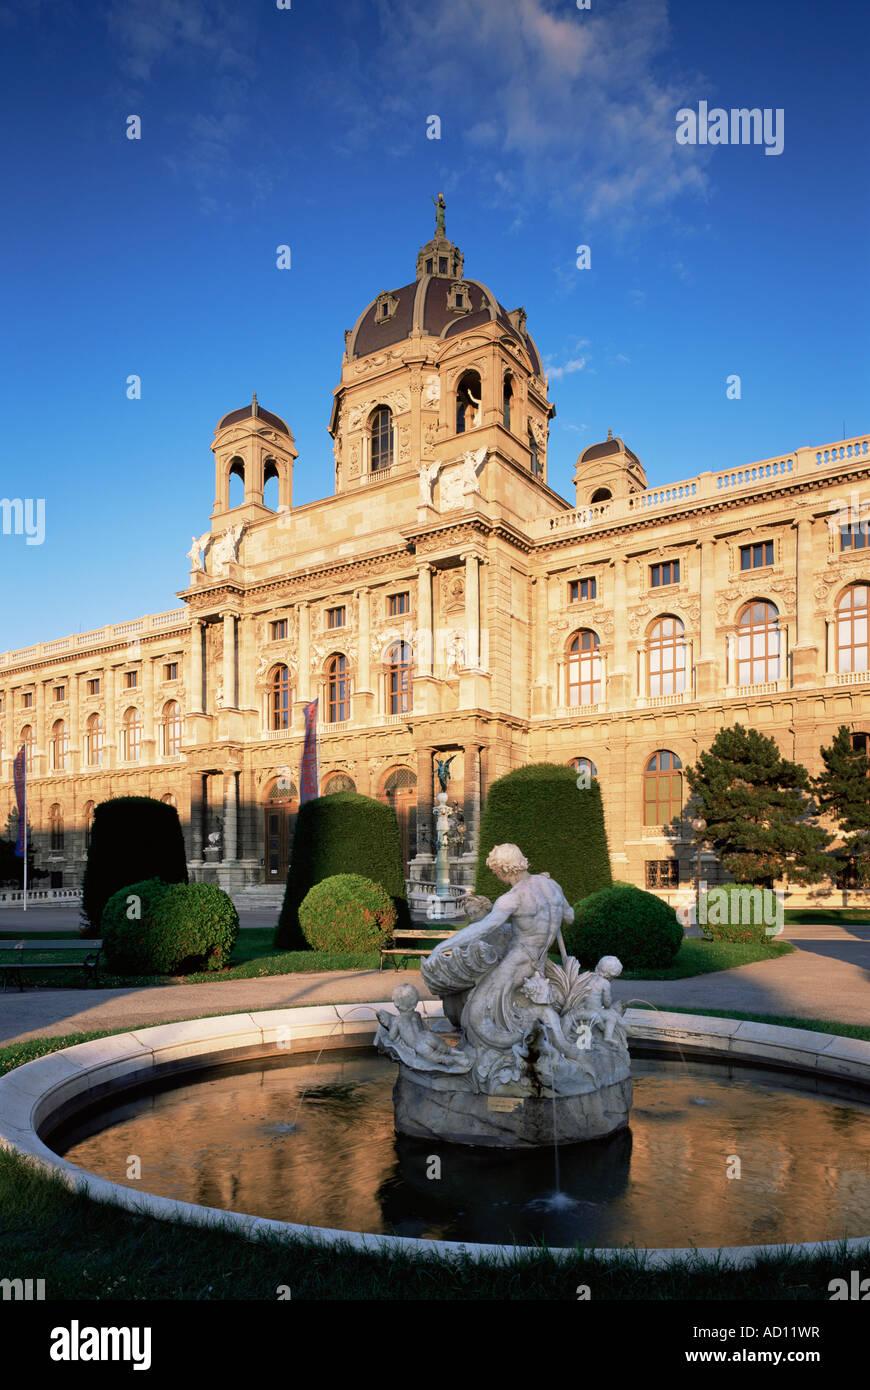 Musée des beaux-arts, Vienne, Autriche Photo Stock